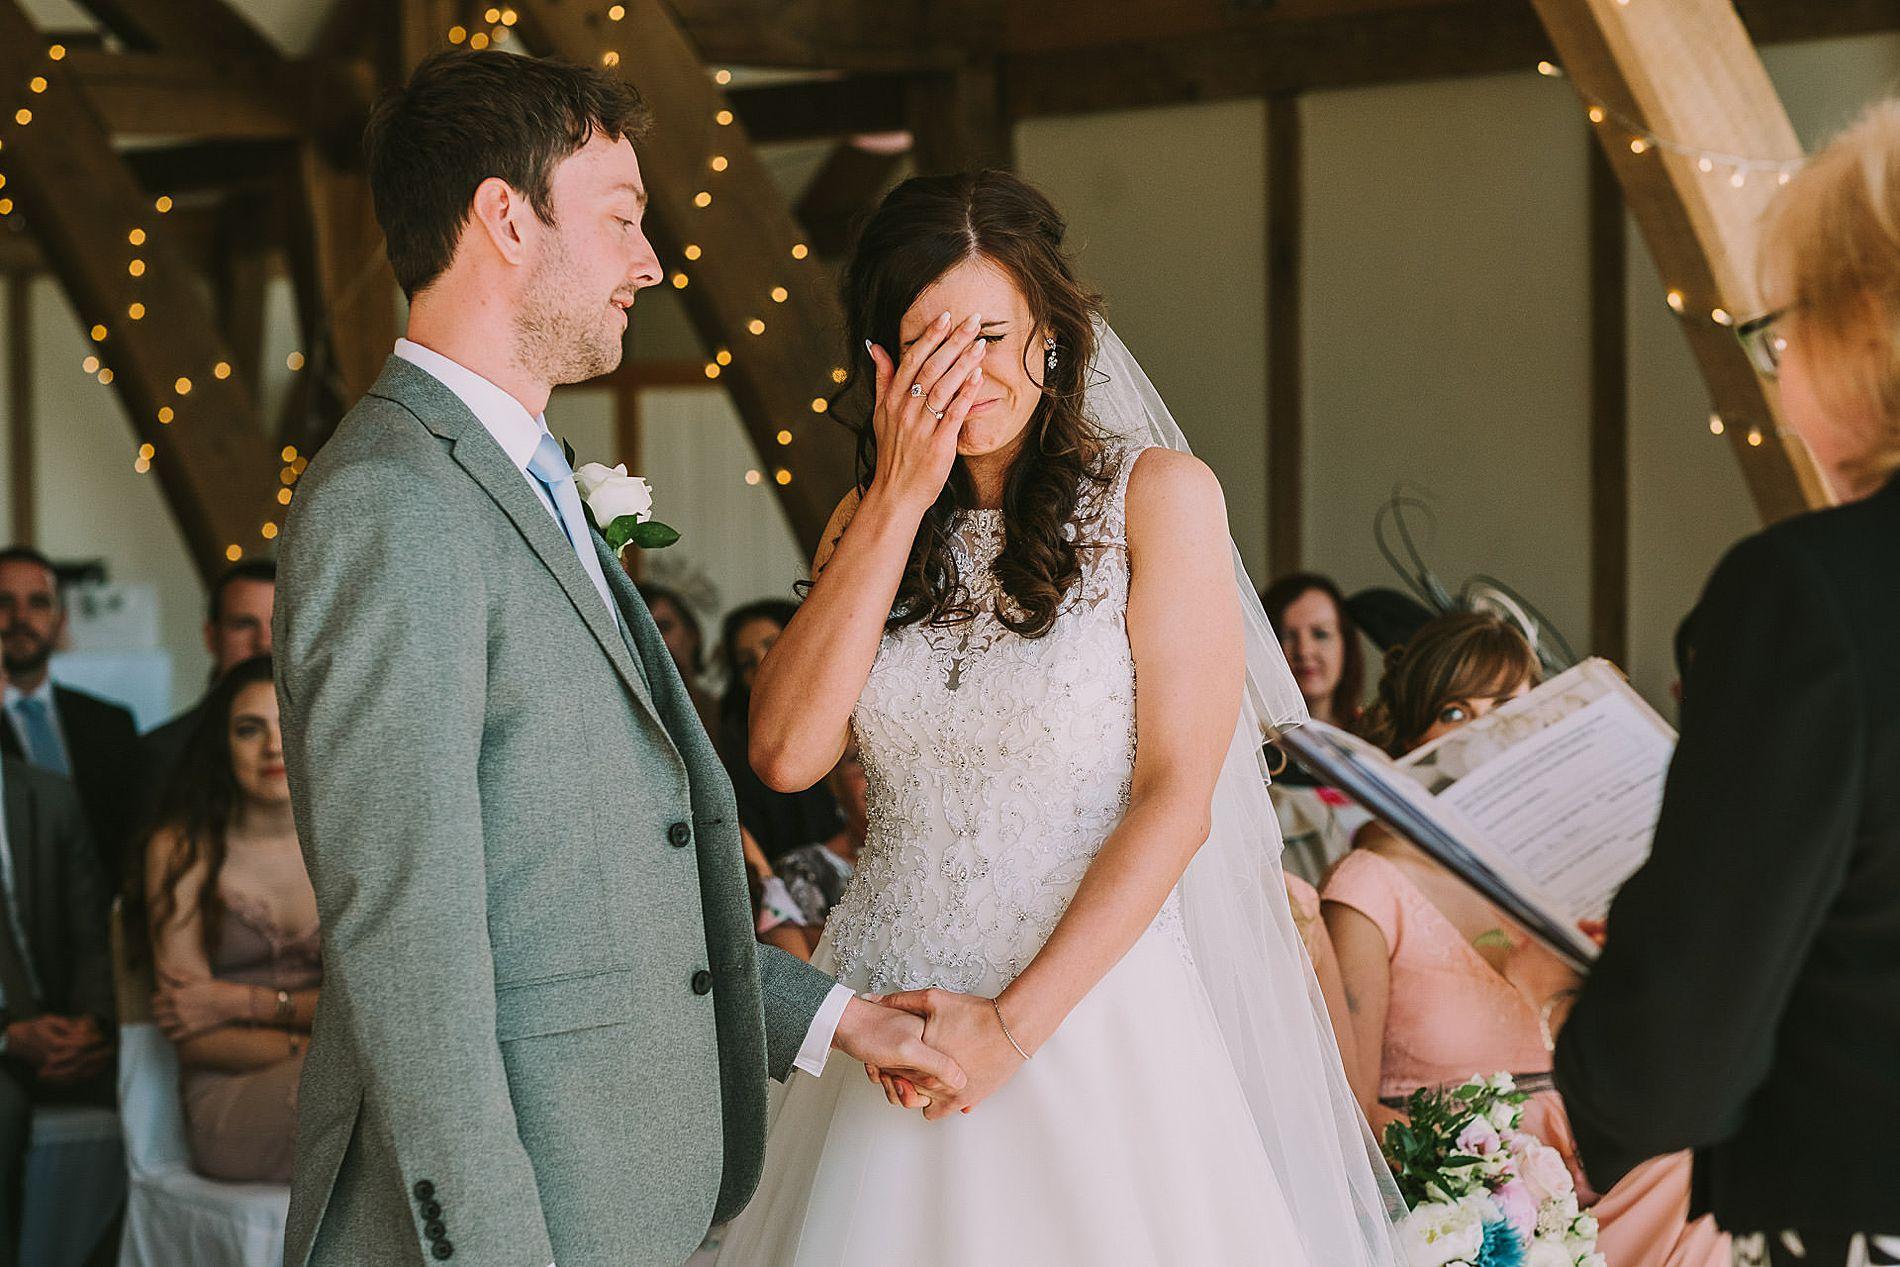 Lancashire-wedding-photography-2018-31